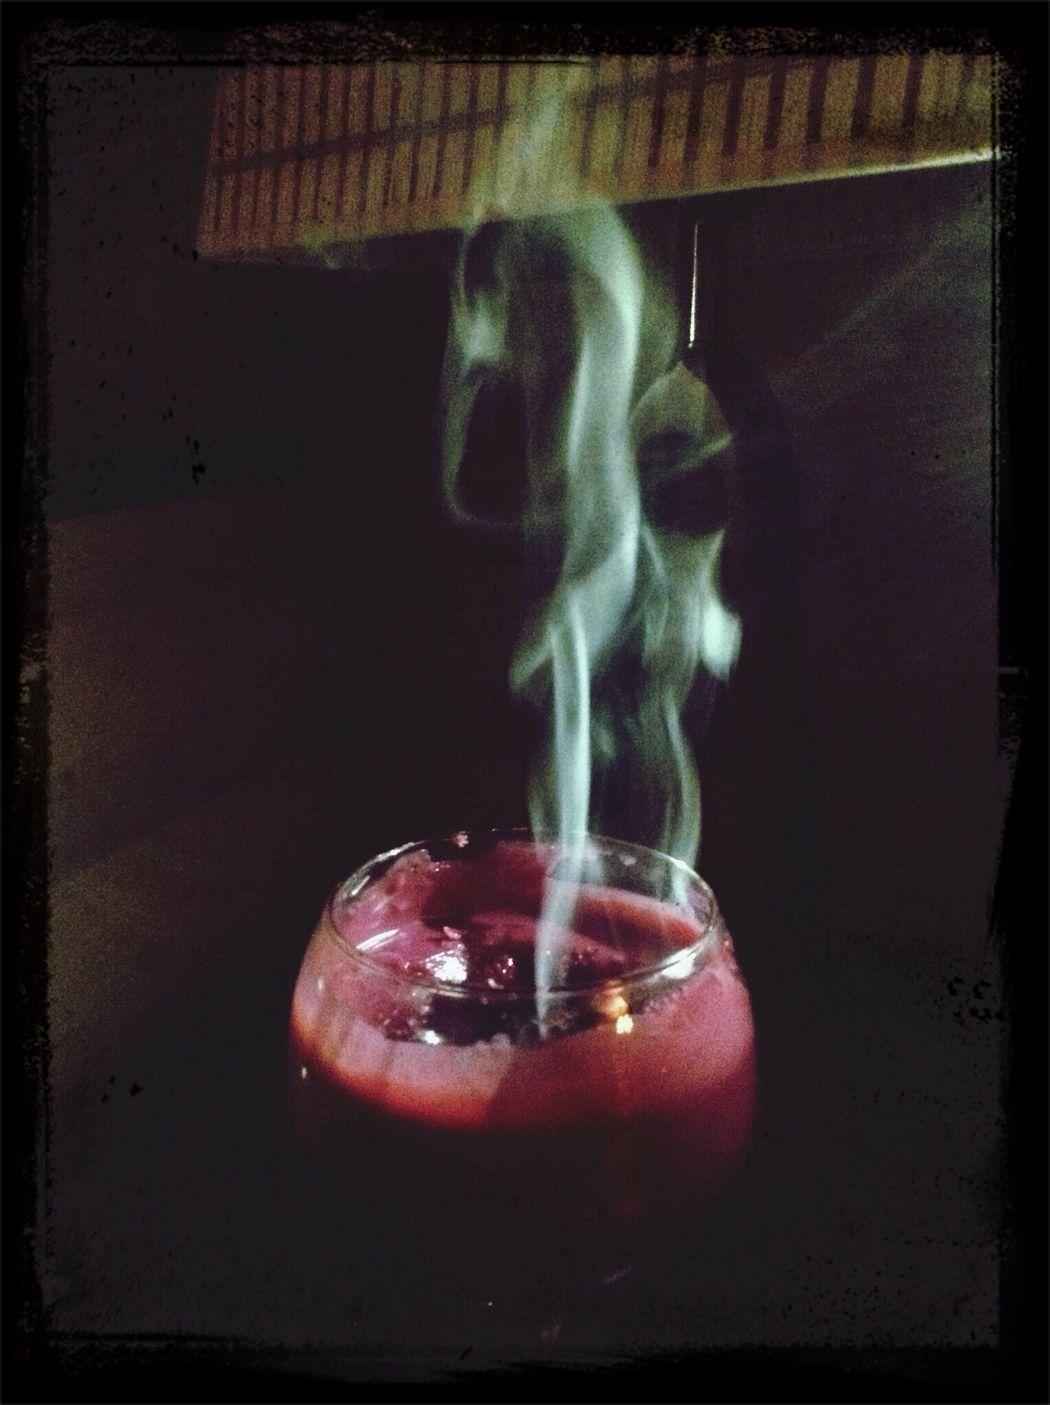 Candle Smoke Enjoying Life Hello World